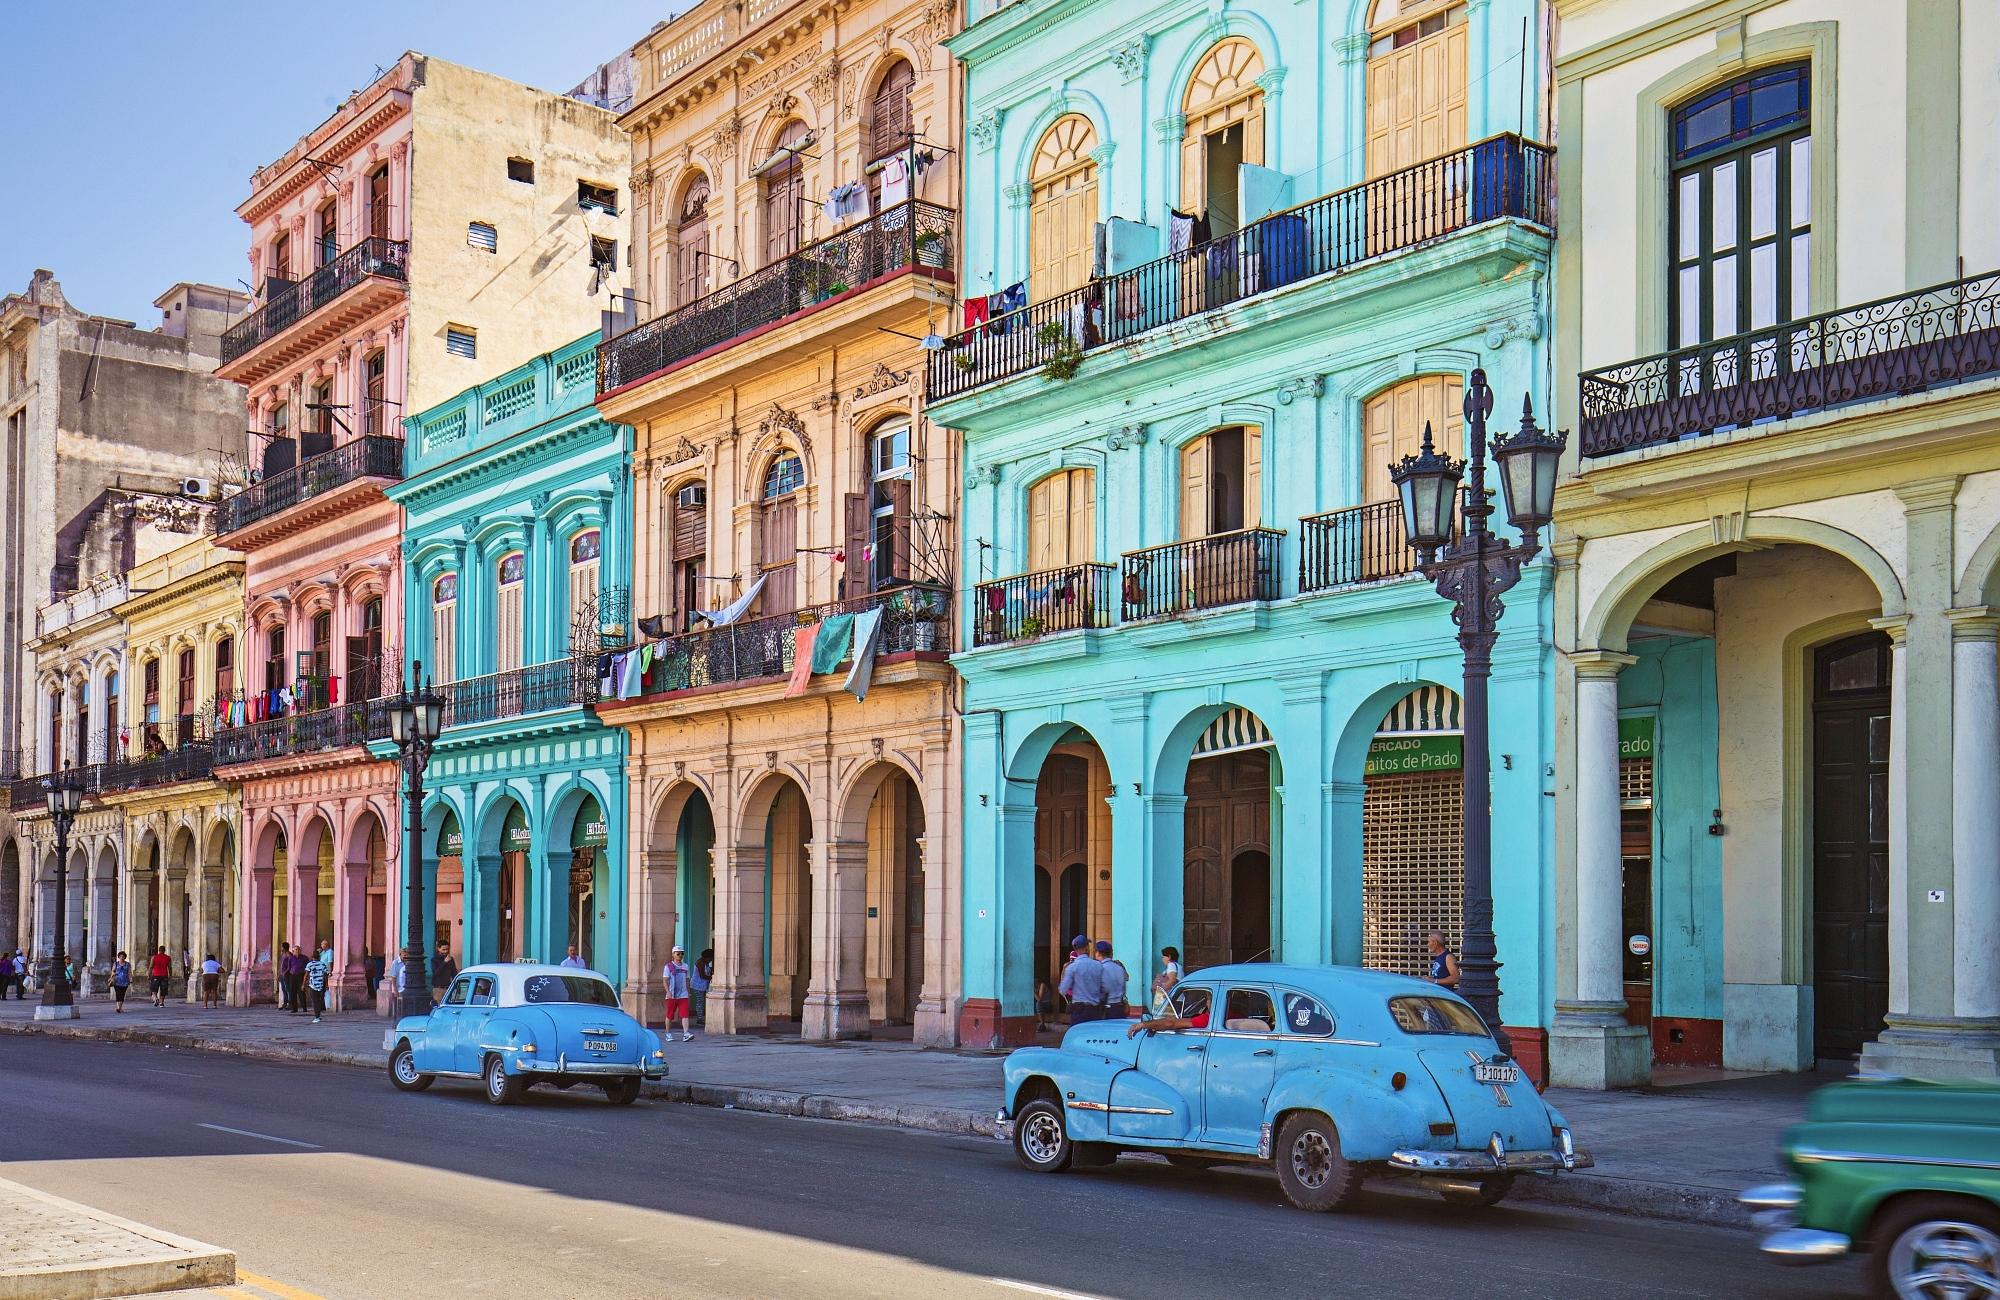 Voitures vintages garées face aux bâtiments colores historiques de La Havane